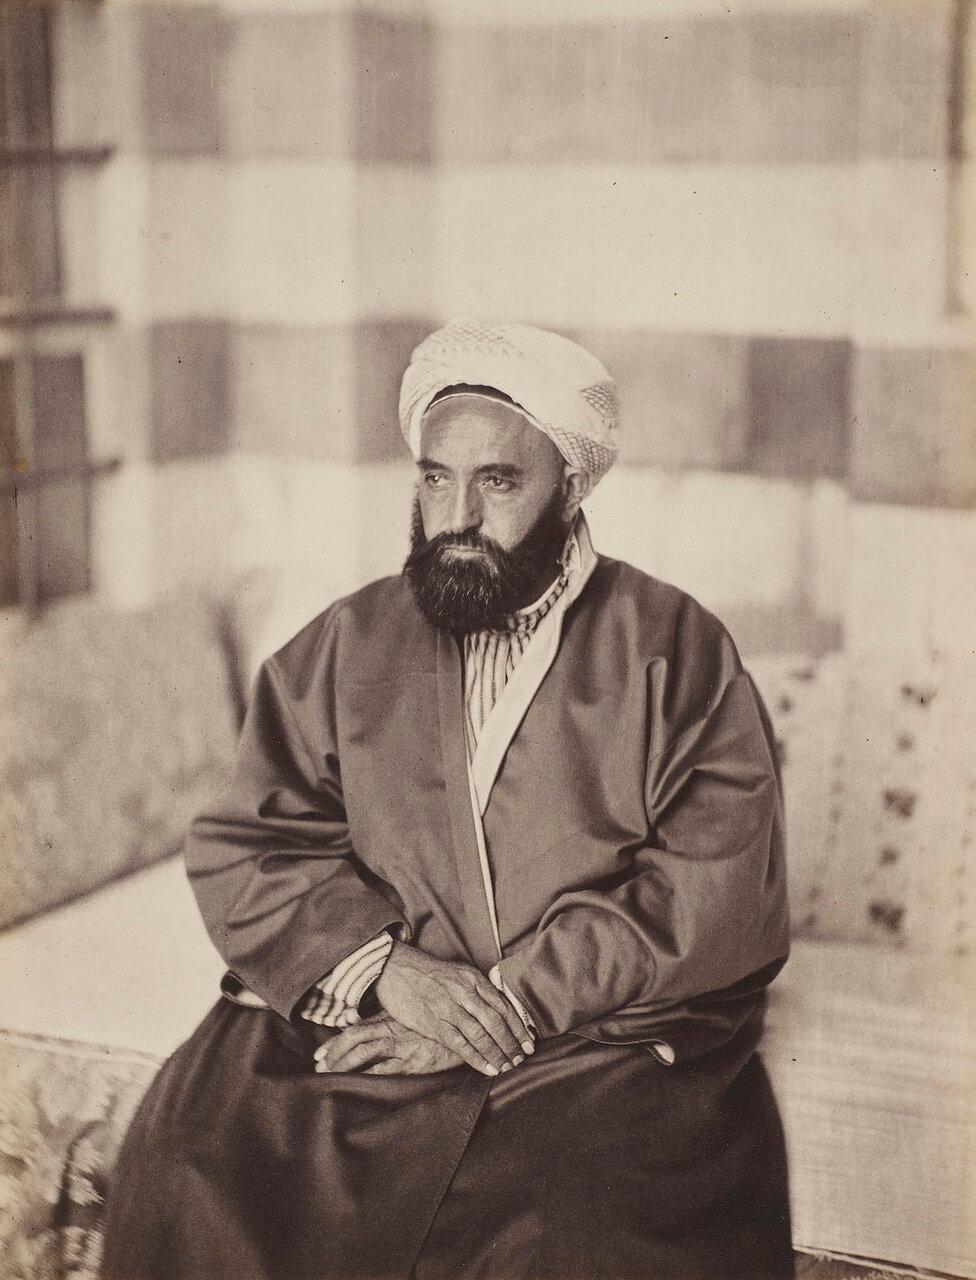 30 апреля 1862. Портрет Абд аль-Кадира, Дамаск